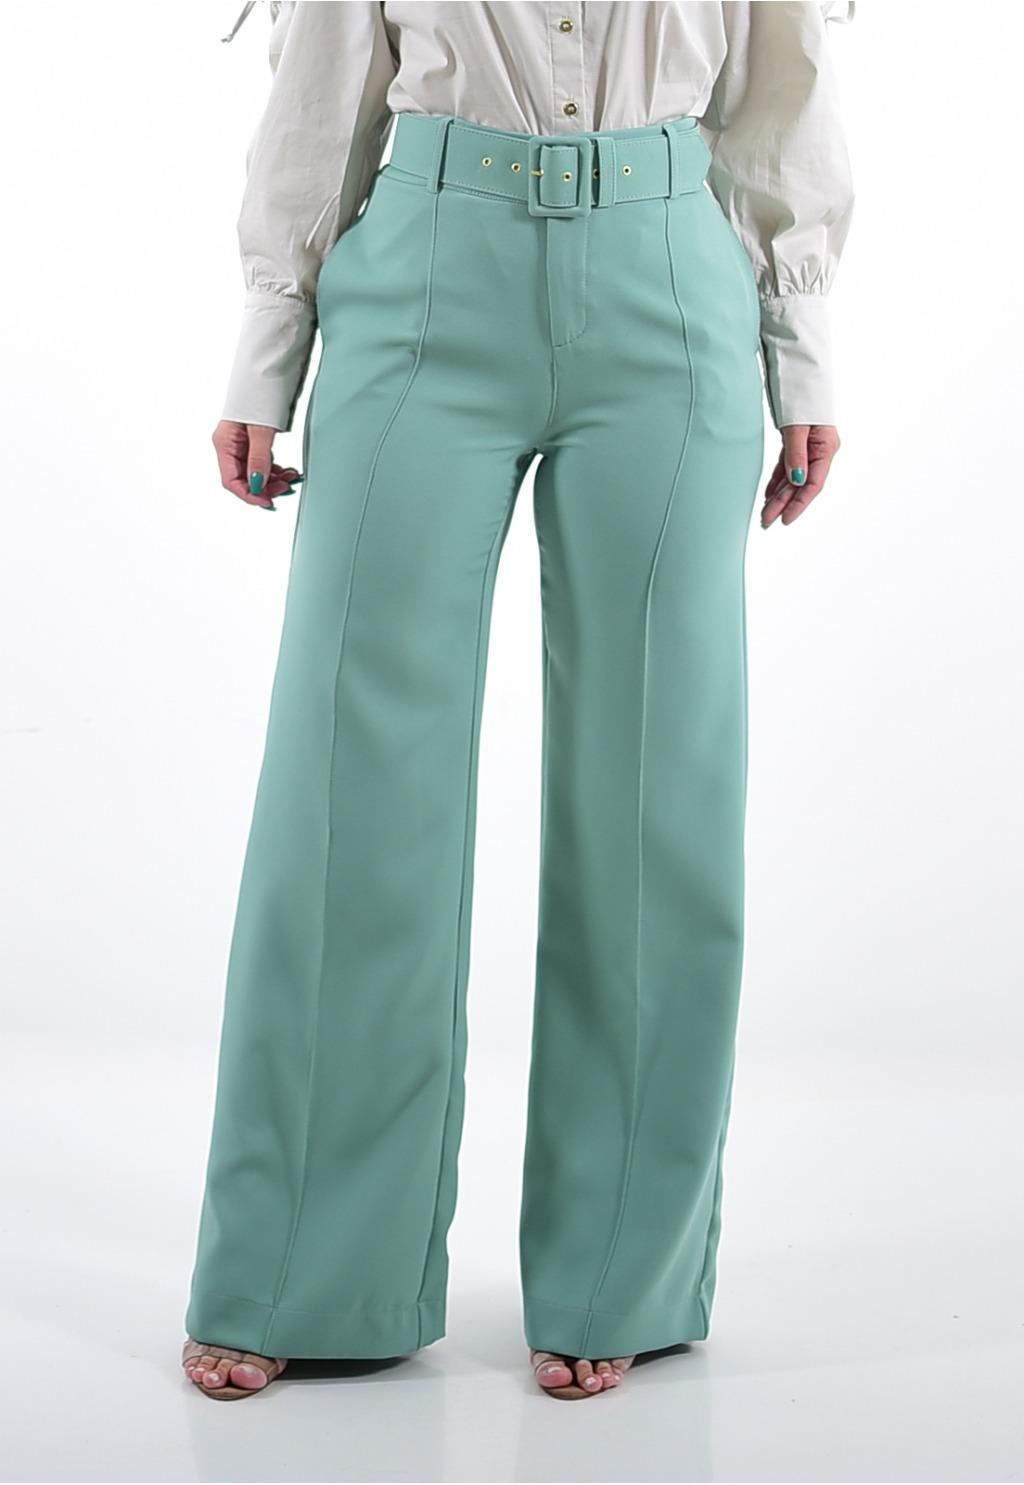 Calça Mamorena pantalona com cinto encapado